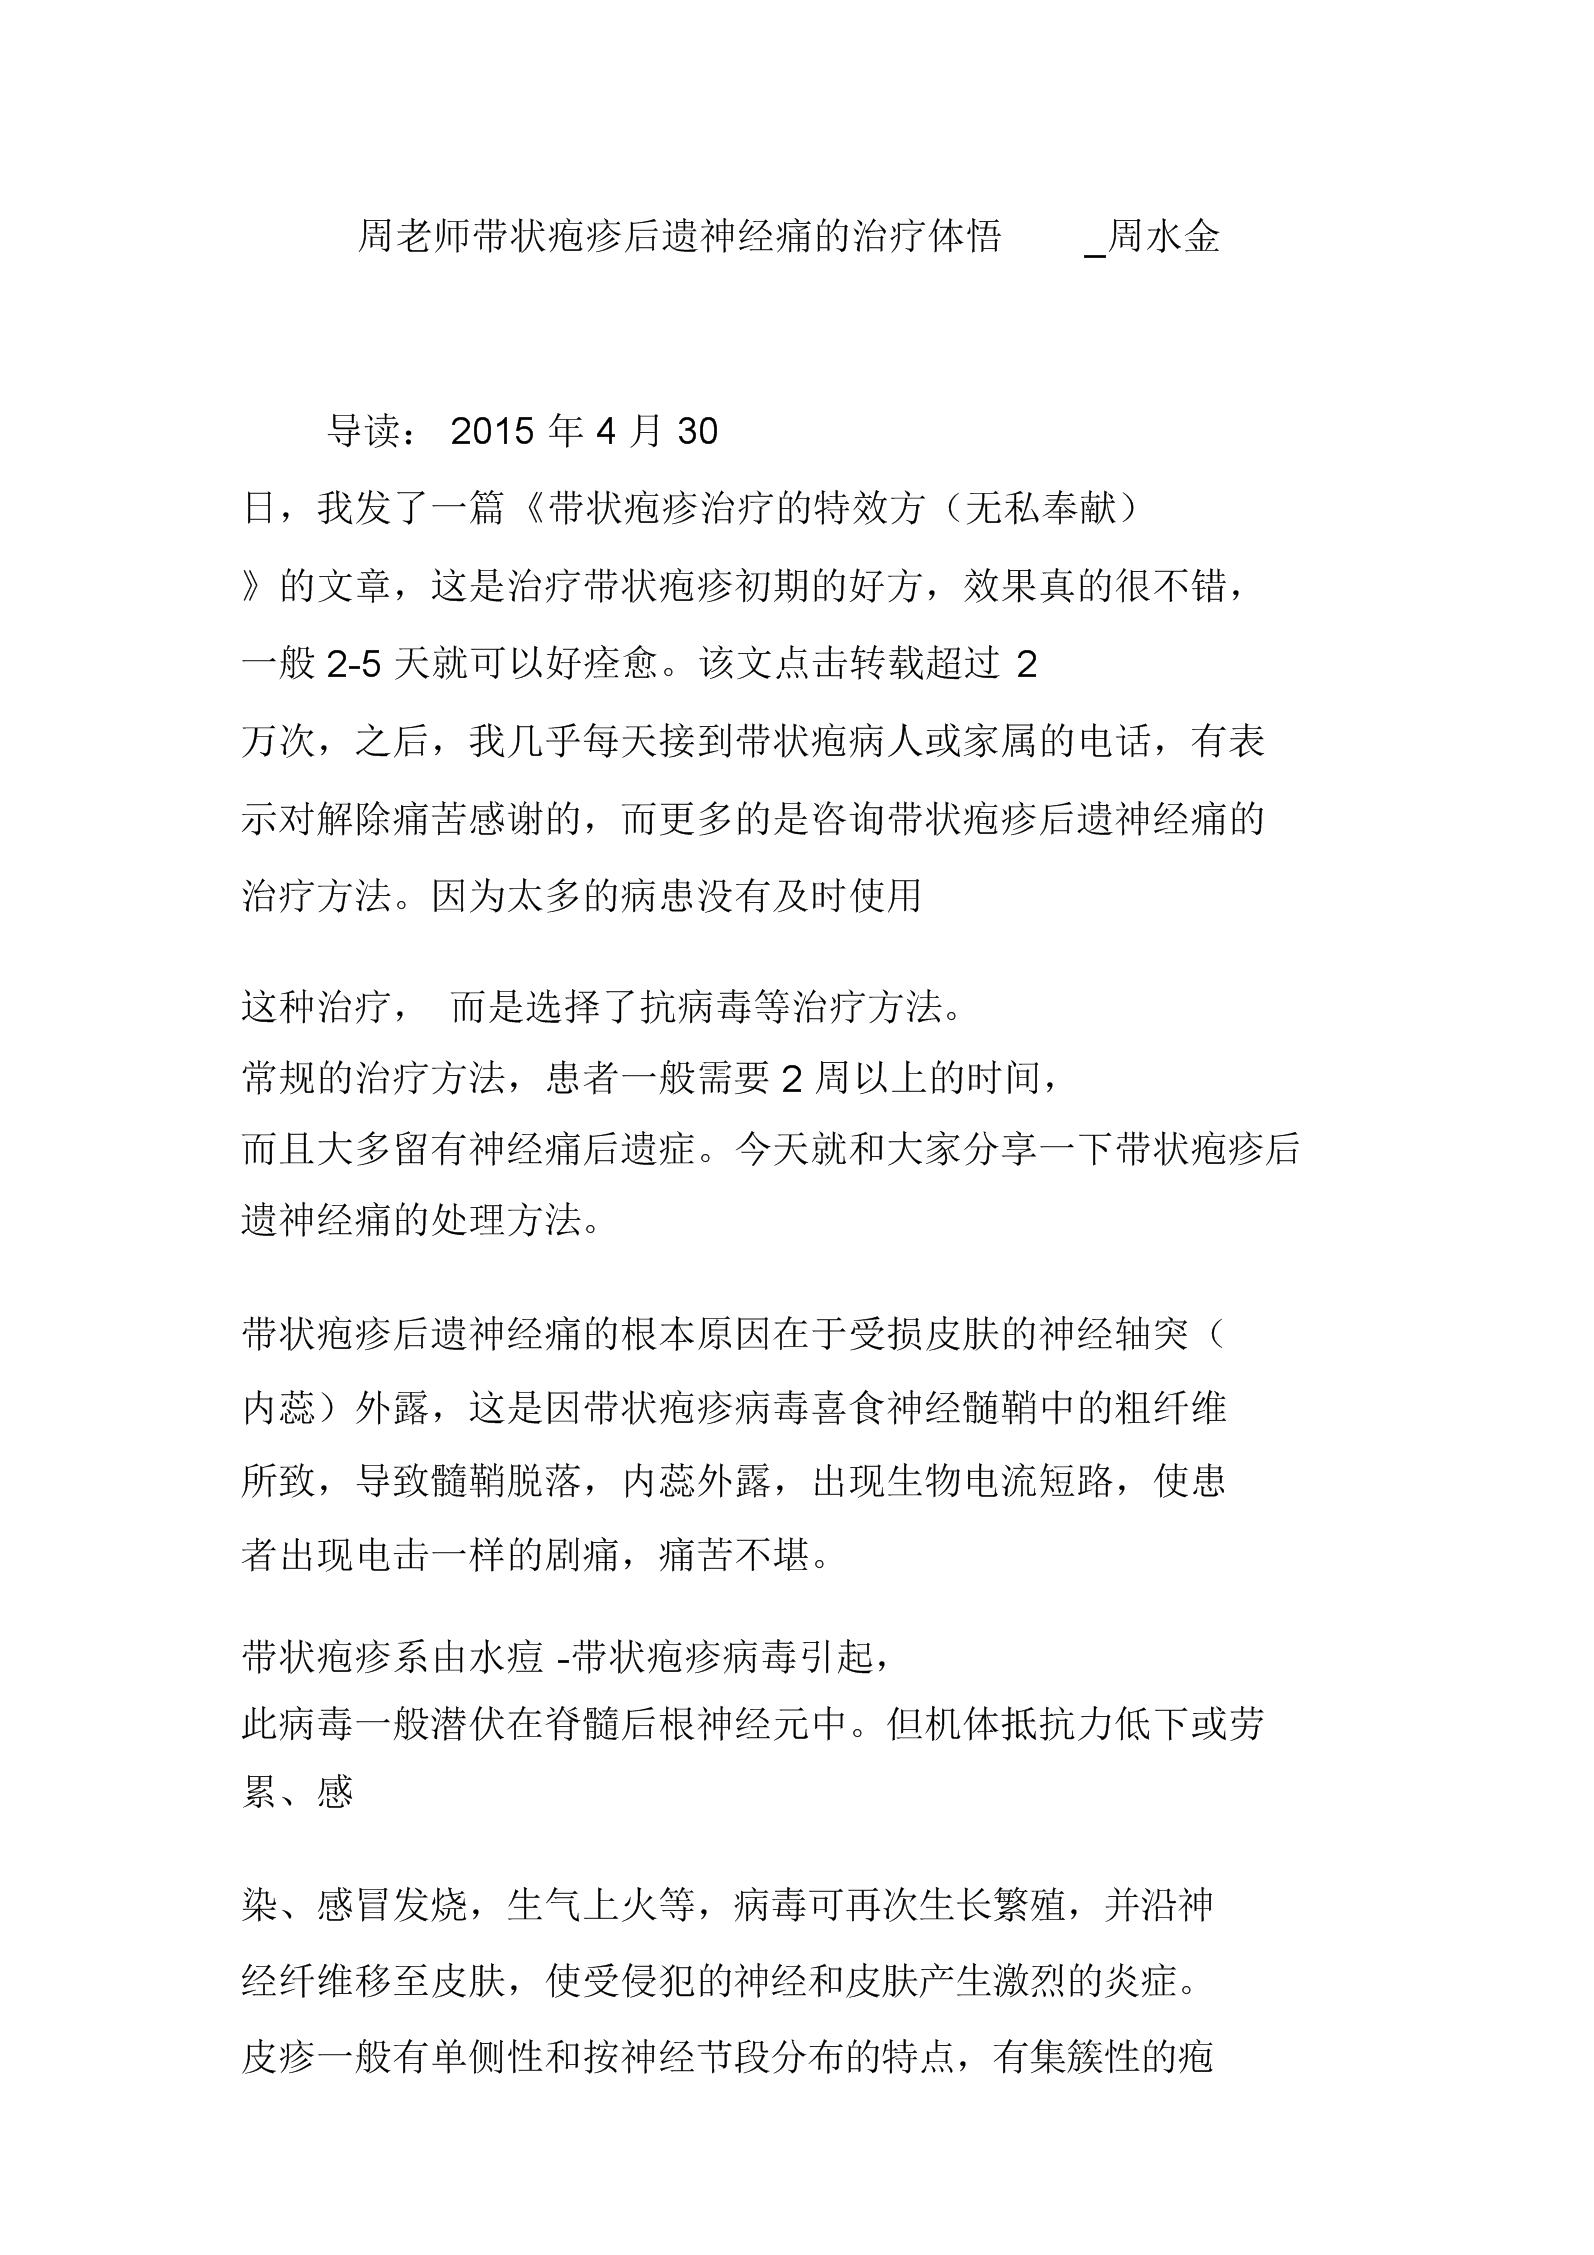 周老师带状疱疹后遗神经痛的治疗体悟_周水金.doc